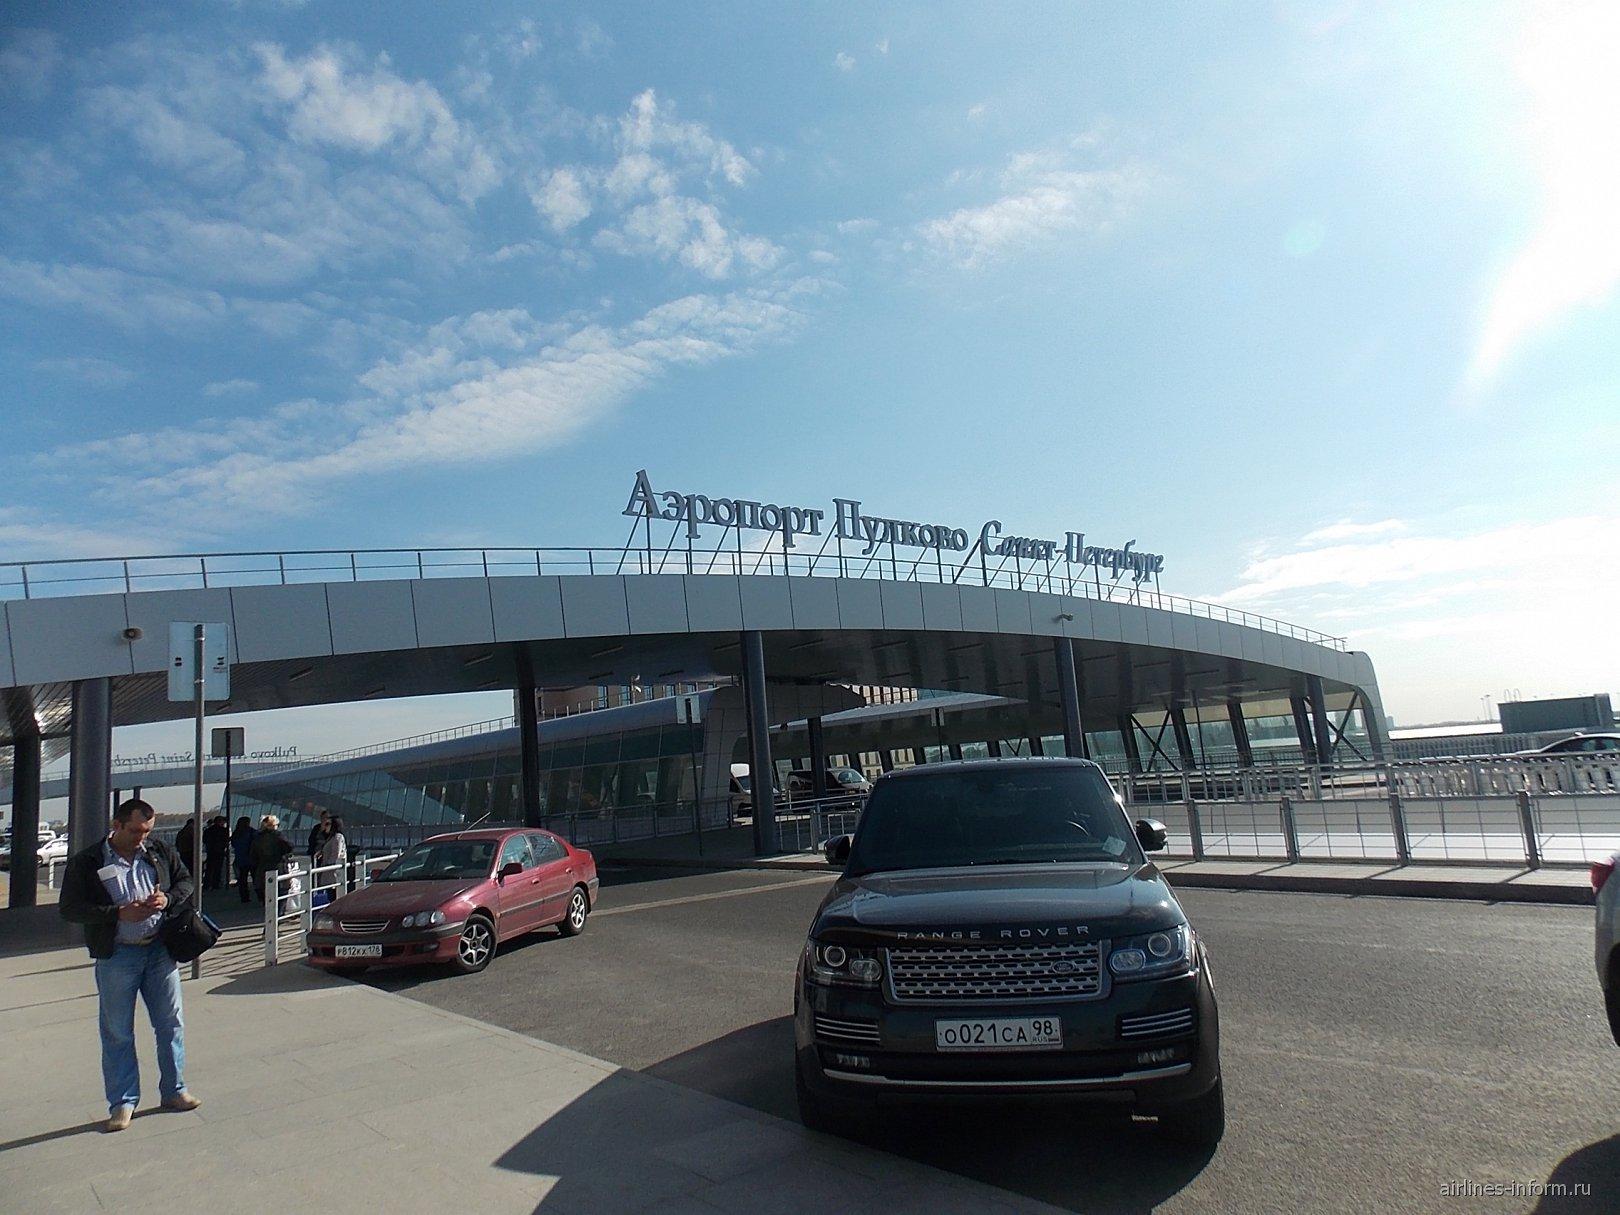 У входа в новый терминал аэропорта Пулково в Санкт-Петербурге